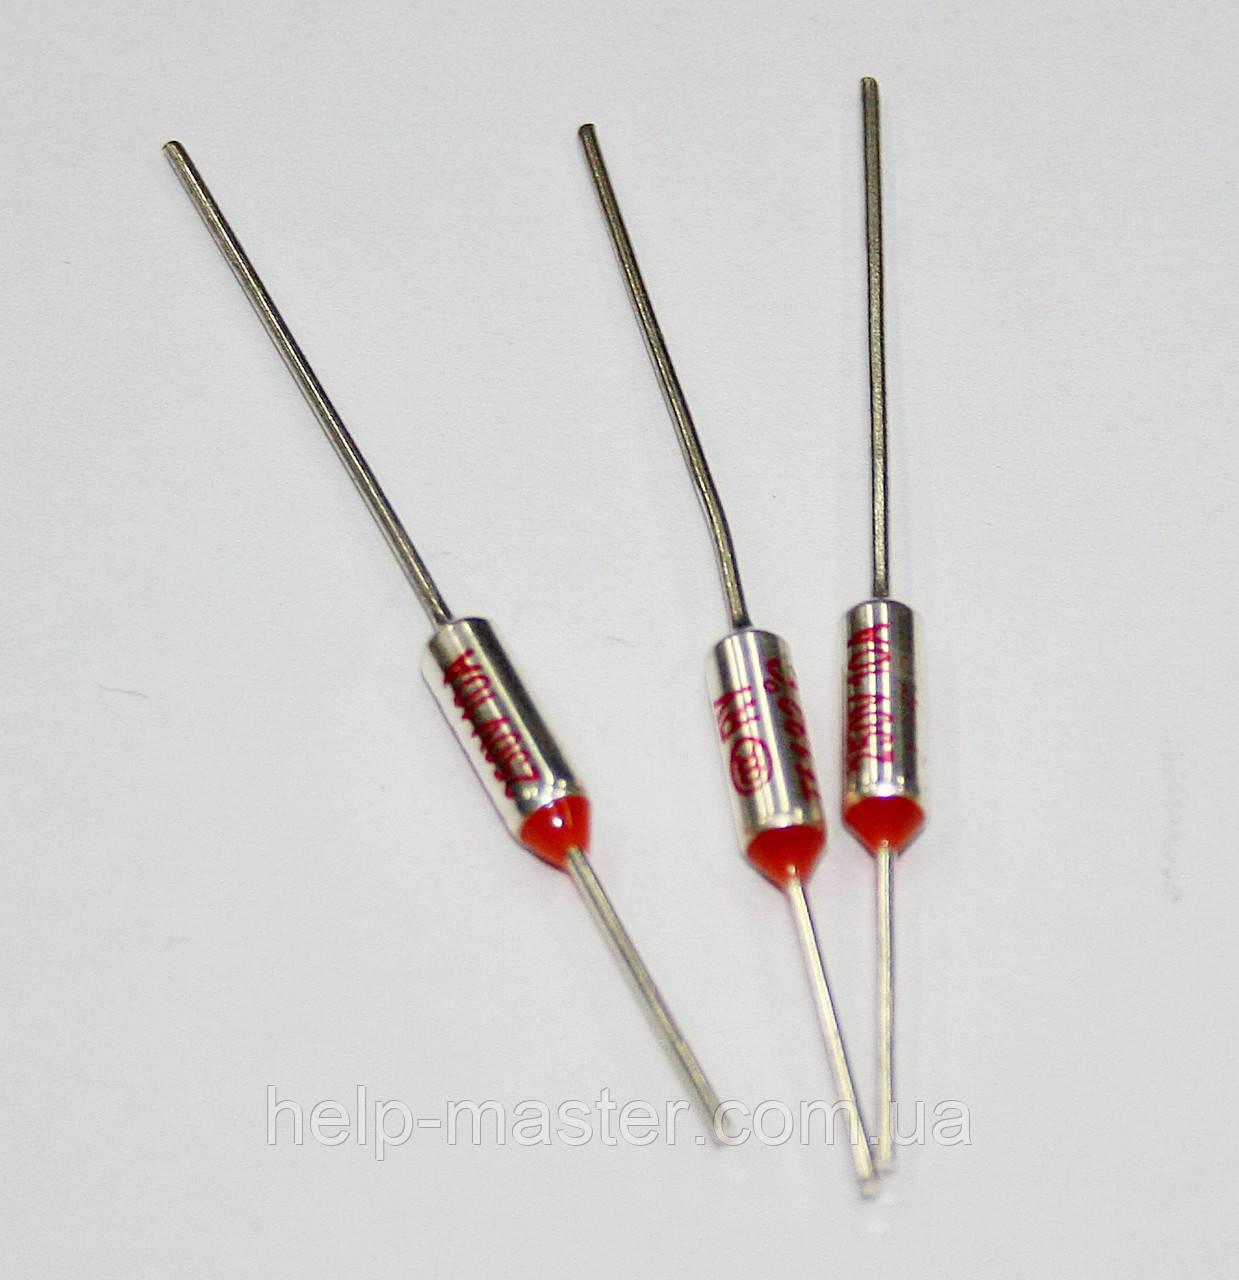 KLS5-103 10A 250В 95°C термо-предохранитель